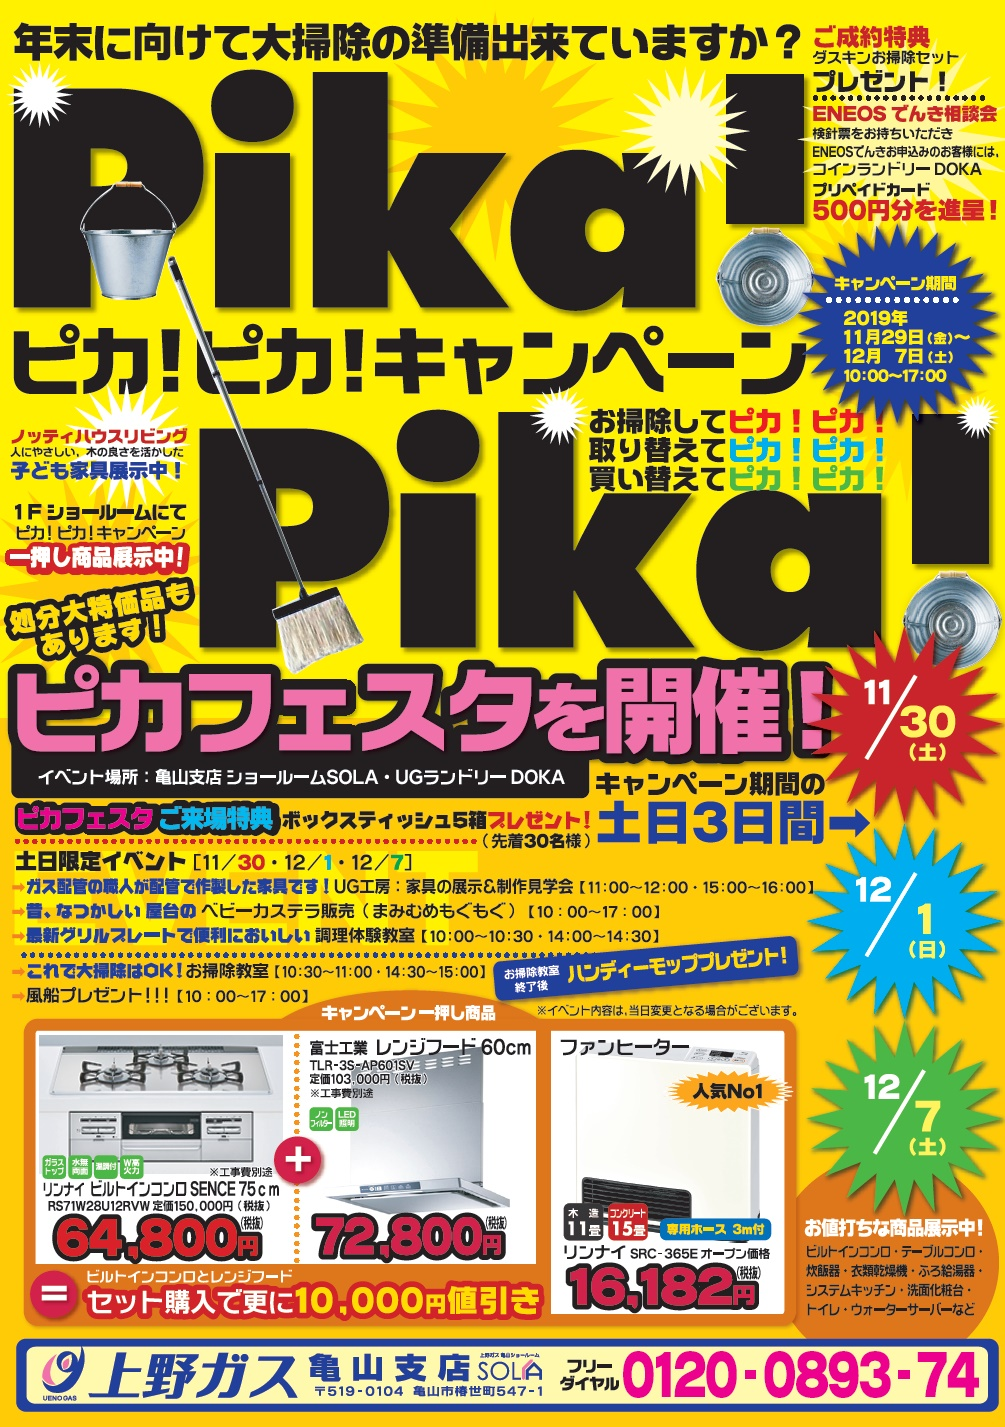 亀山支店 「ピカ!ピカ!キャンペーン」「ピカフェスタ」開催ご案内